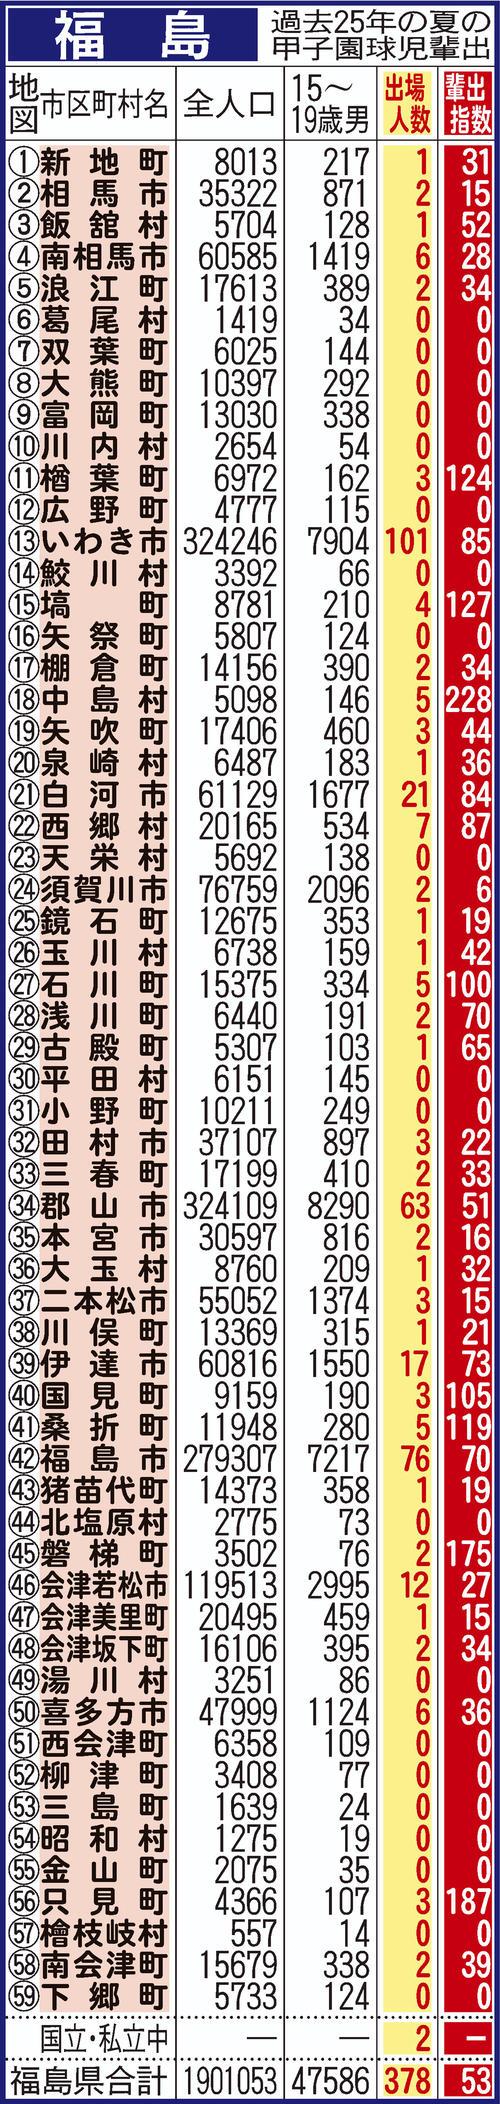 過去25年間における福島県地域別の甲子園輩出指数